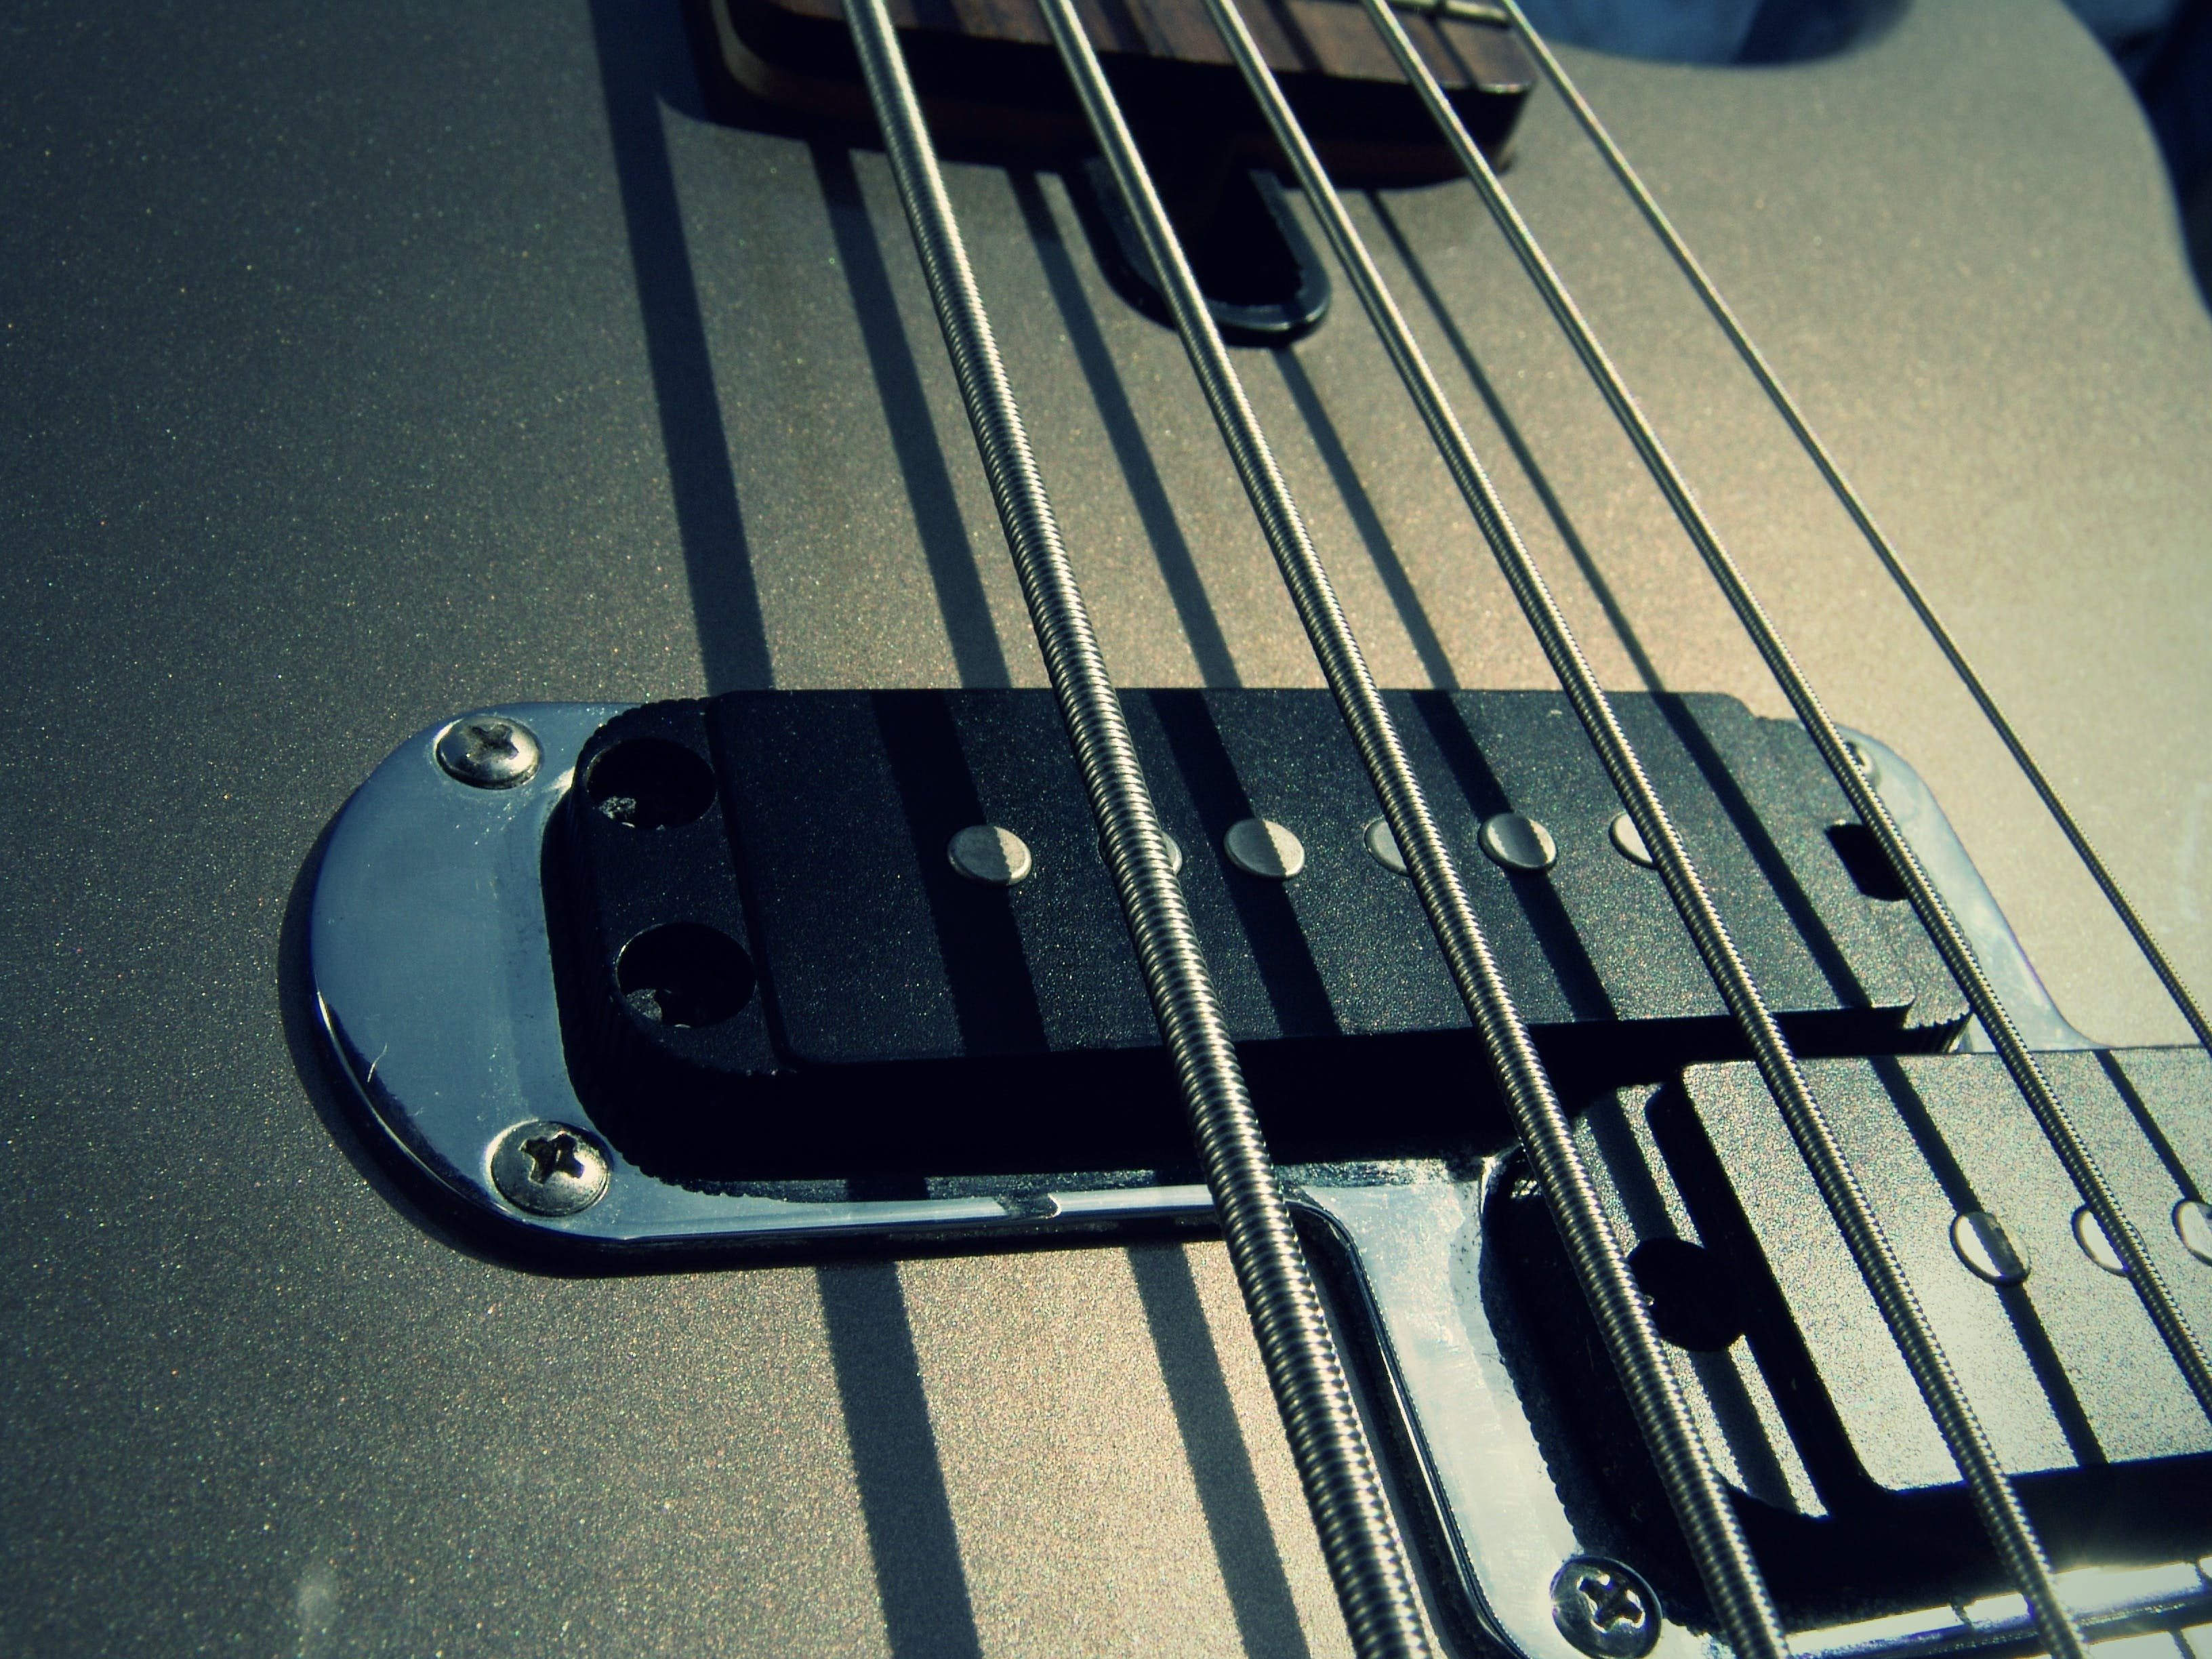 Kostenloses Stock Foto zu musikinstrument, saiteninstrument, gitarre, nahansicht